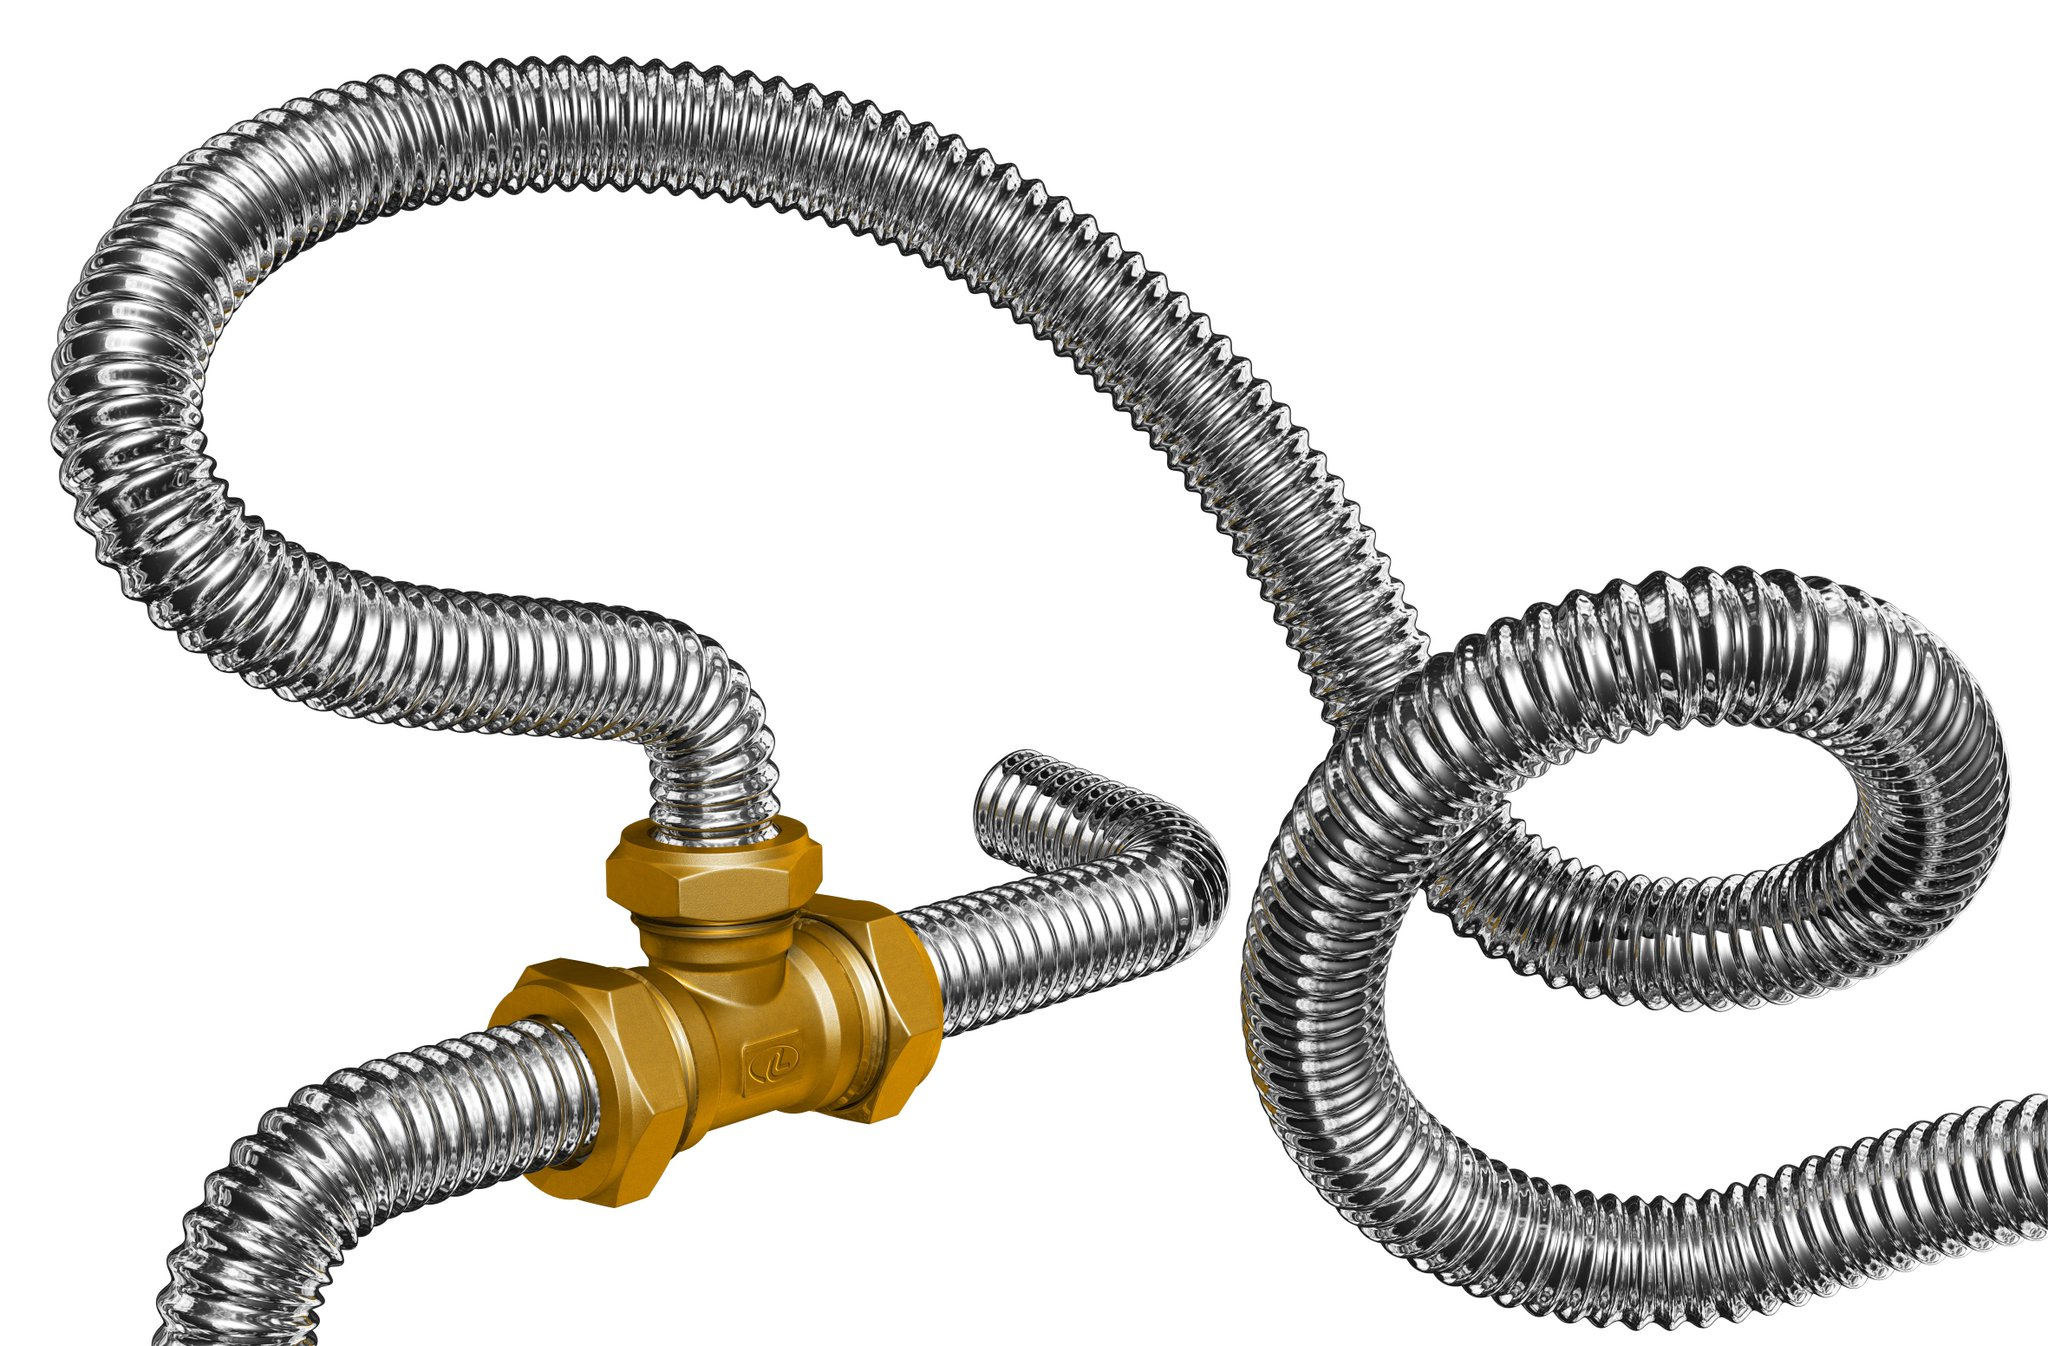 Обзор гибких труб для водоснабжения